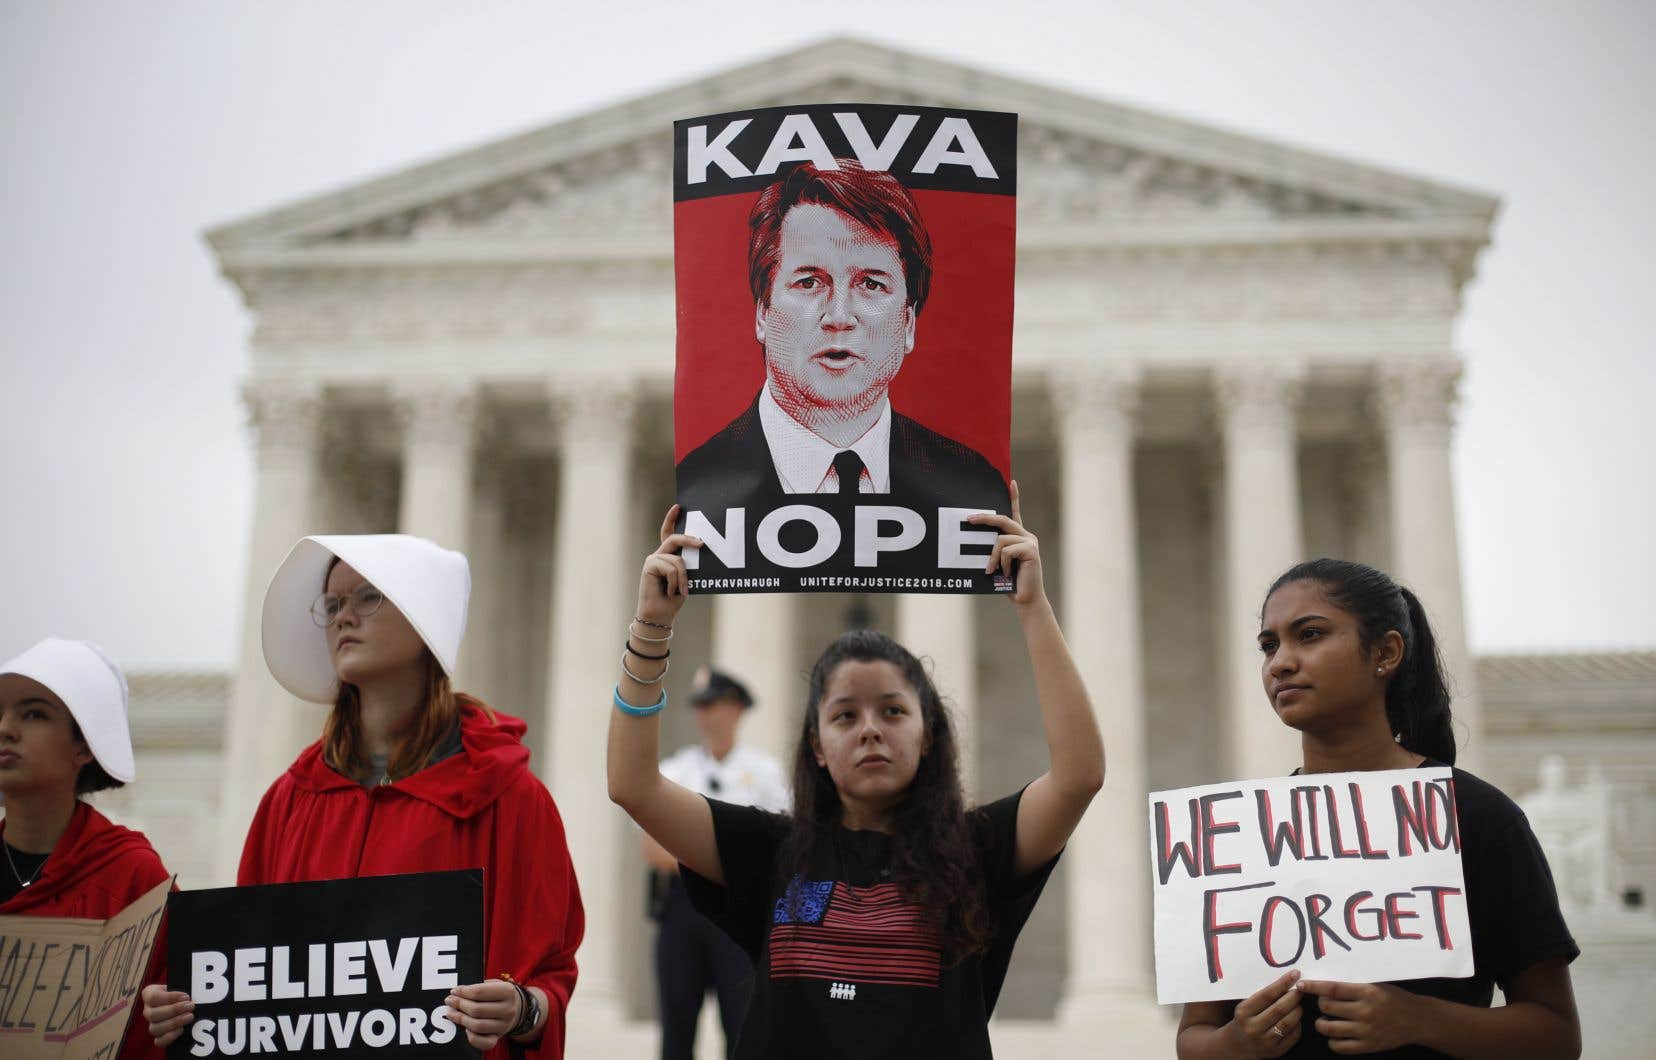 Une poignée de manifestants s'étaient massés devant la Cour suprême des États-Unis, mardi, pour dénoncer la nomination de Brett Kavanaugh.